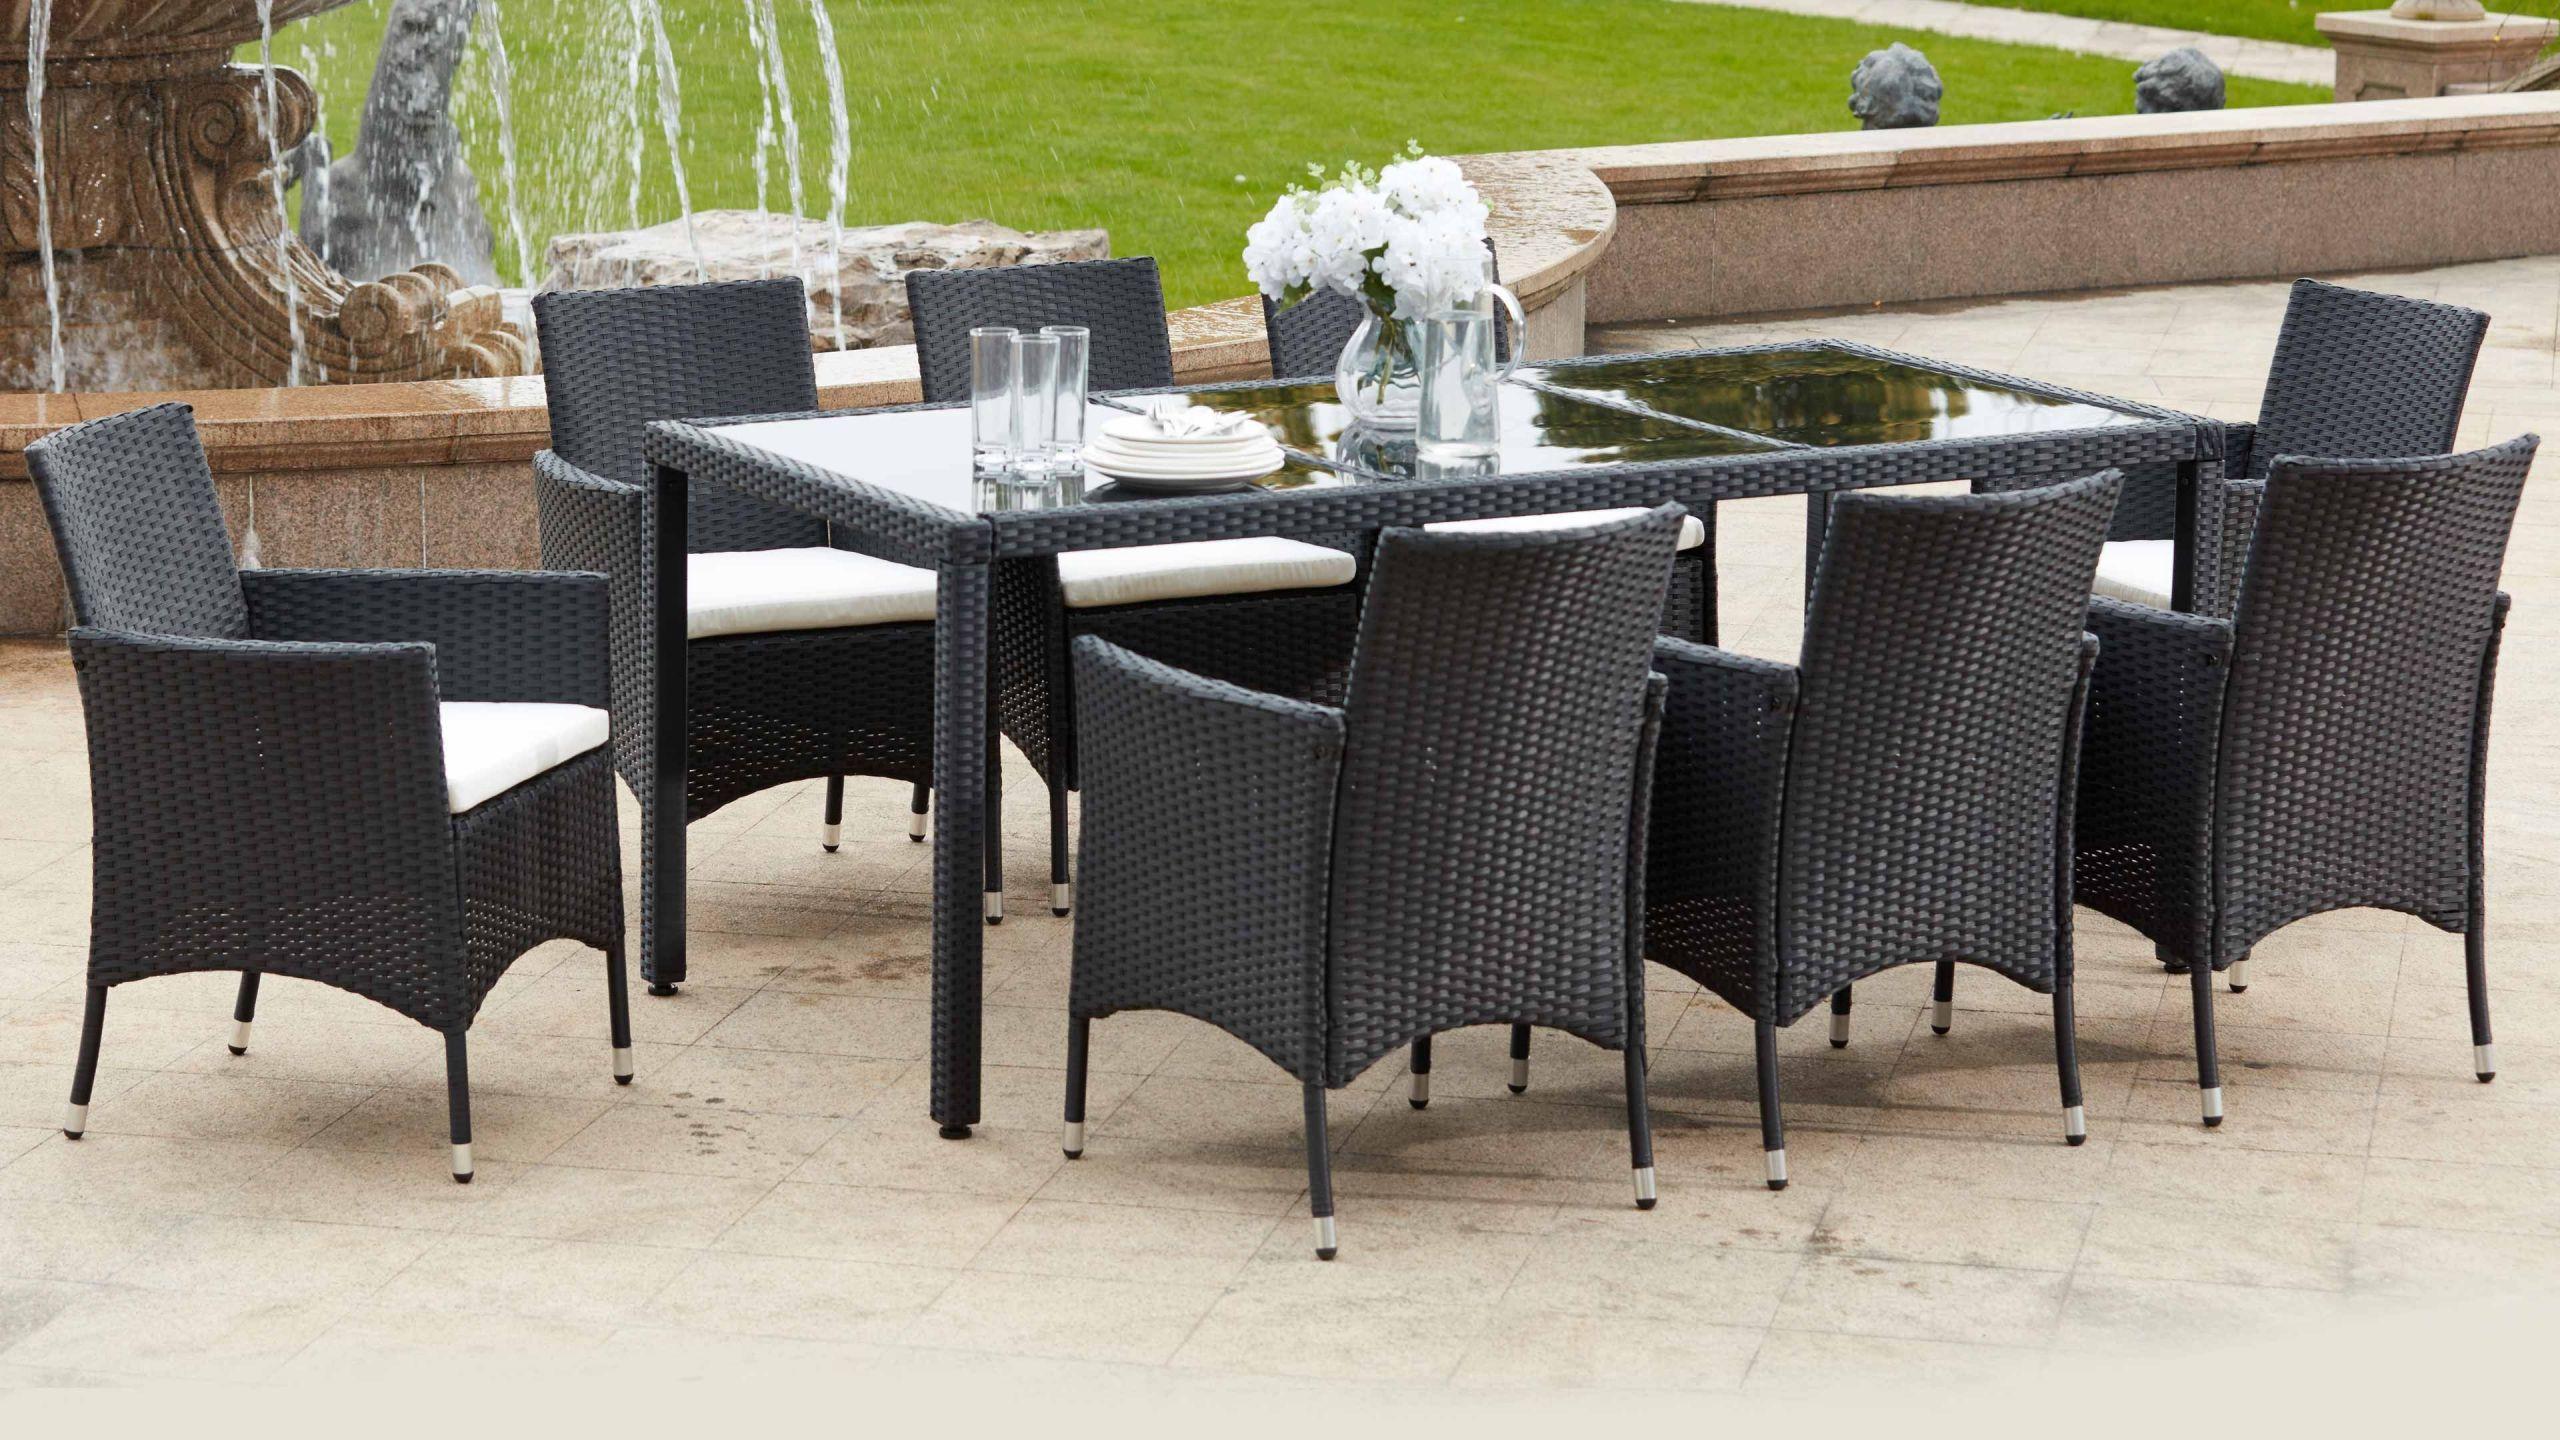 Salon de jardin table résine tressée 8 fauteuils